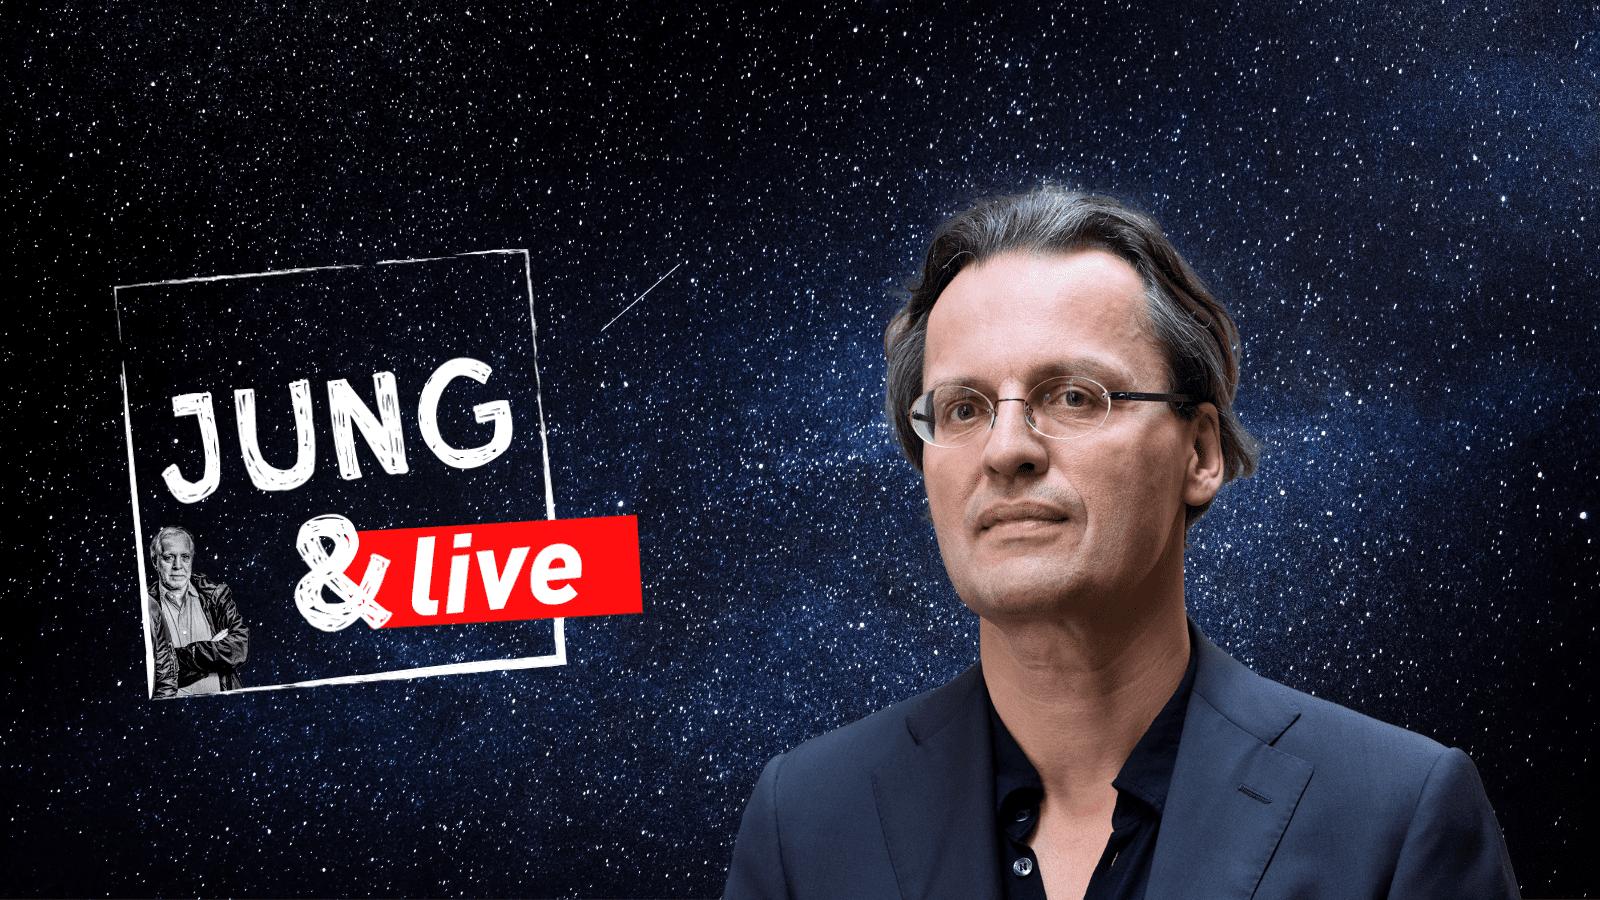 Jung & Live #28 mit Medienwissenschaftler Bernhard Pörksen